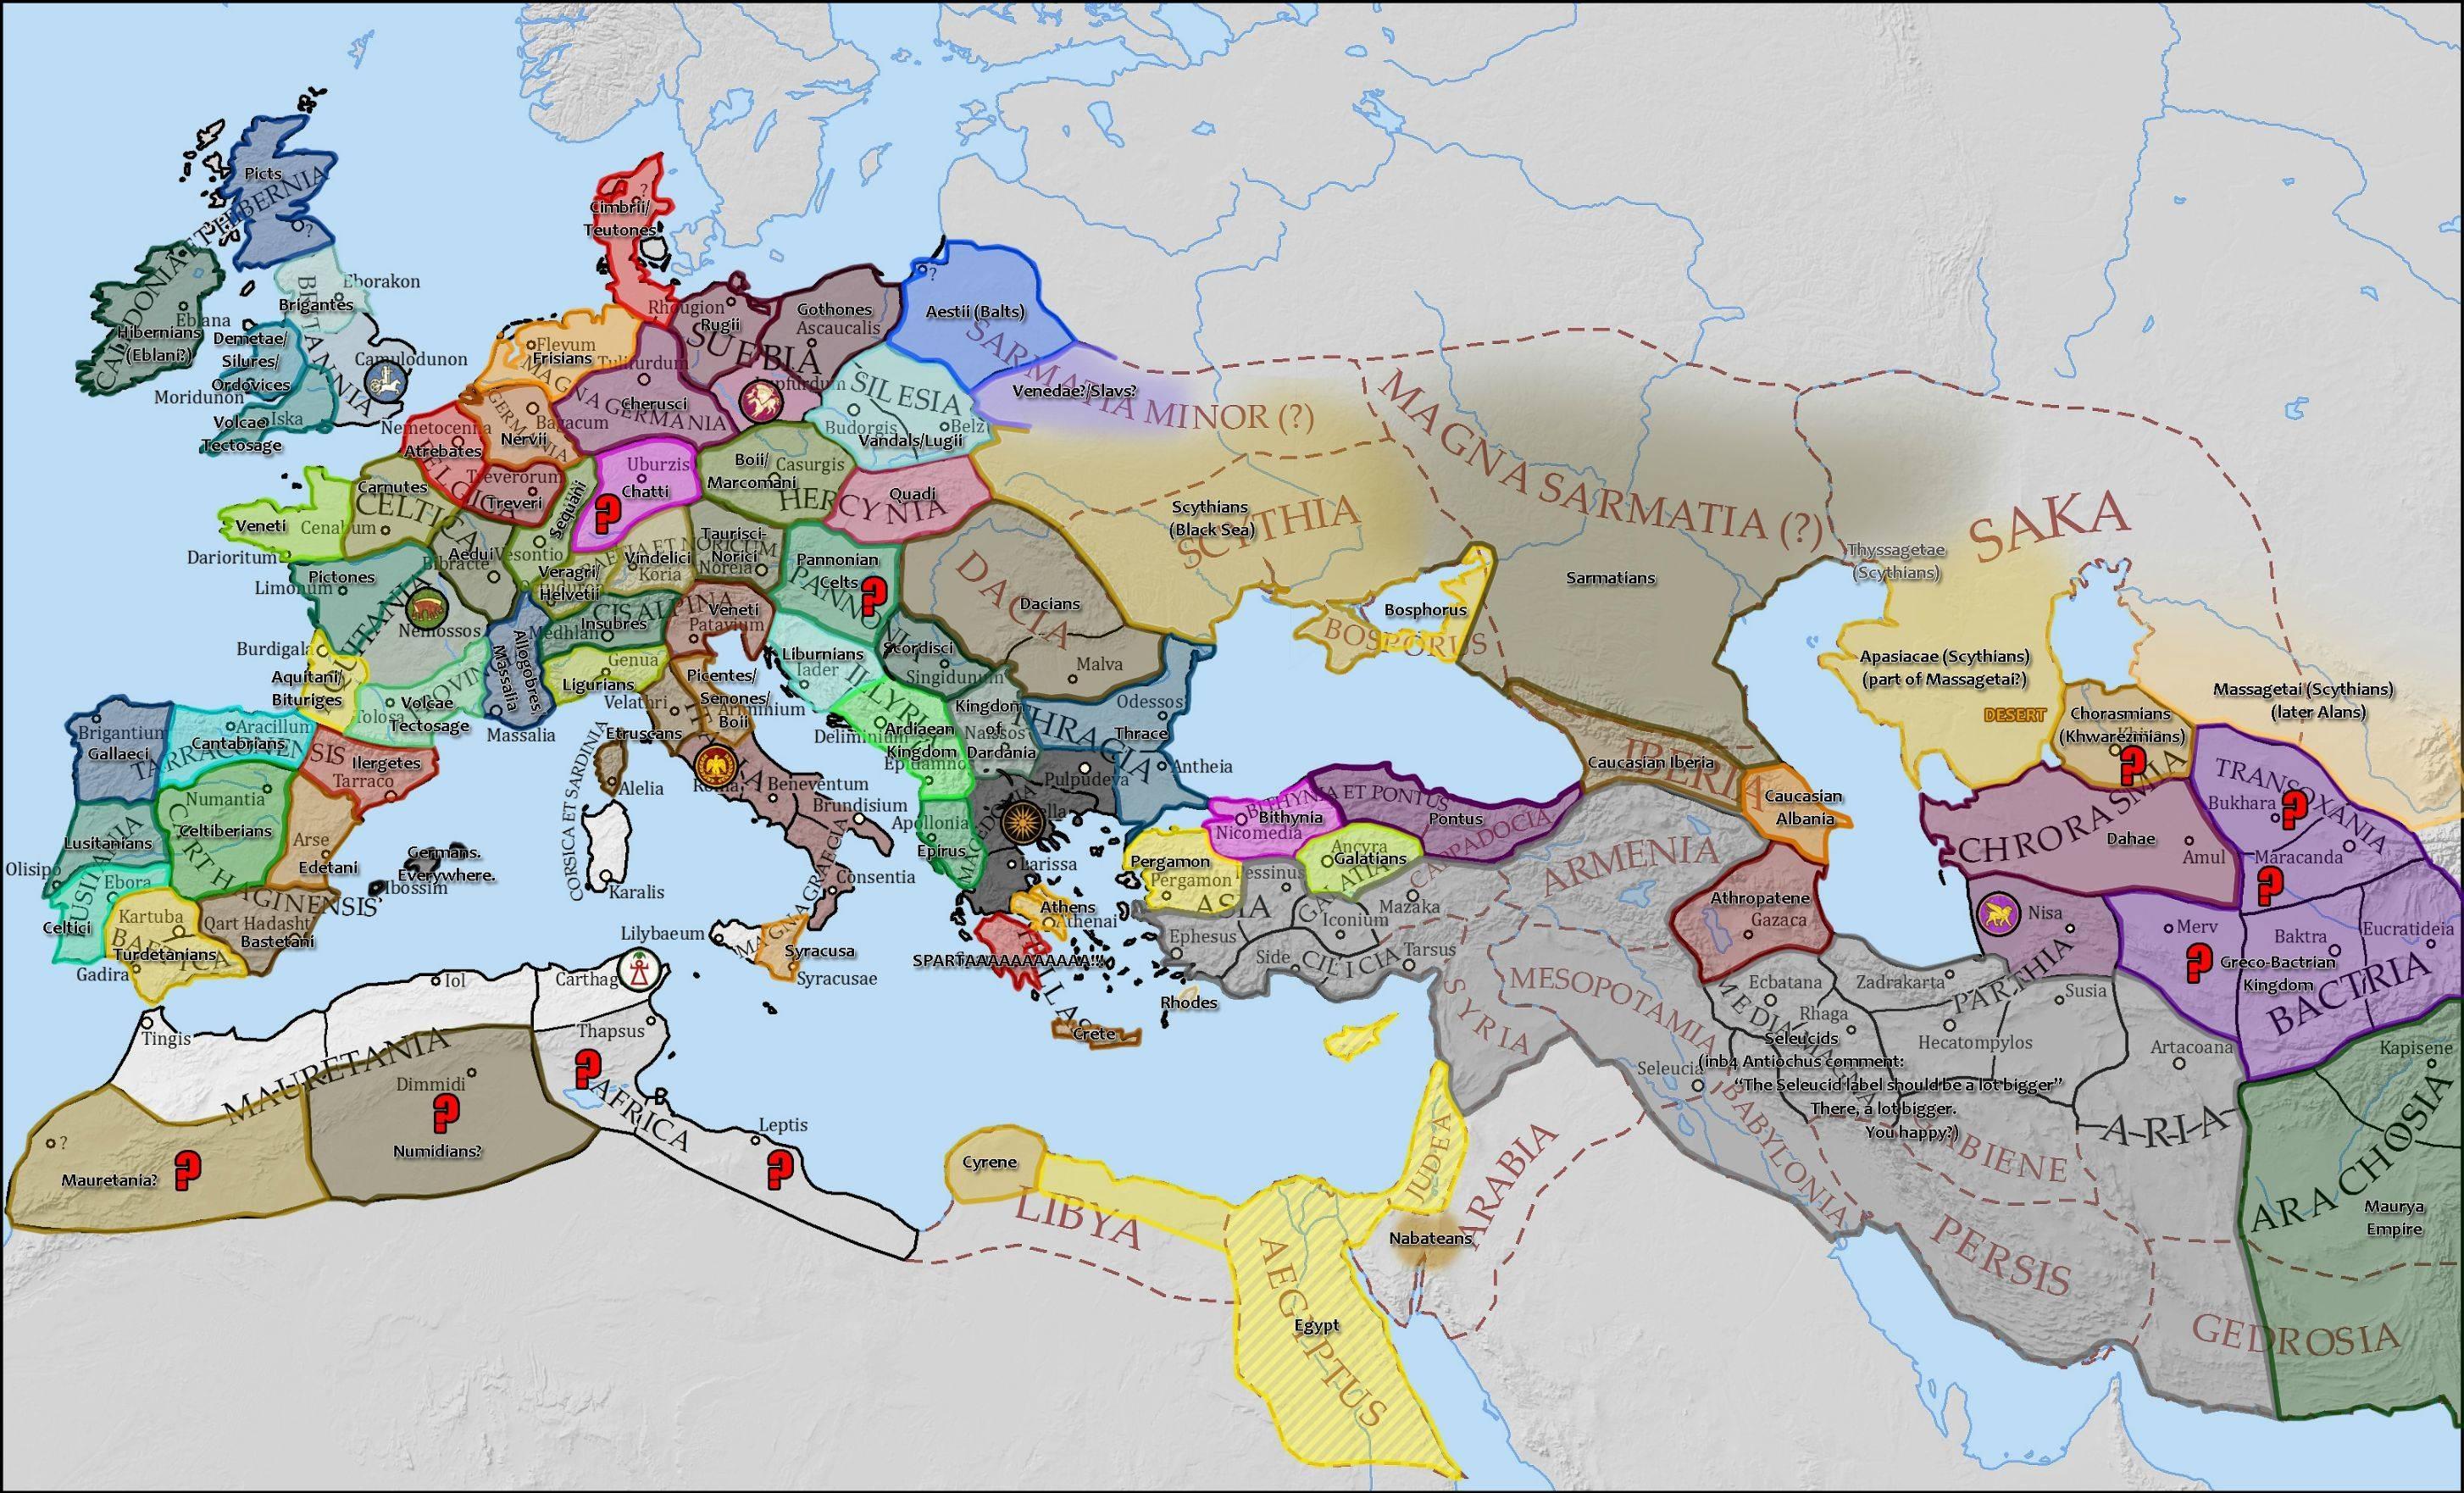 repr sentation de la carte sur le forum total war rome ii 10 02 2013 20 16 50 page 9. Black Bedroom Furniture Sets. Home Design Ideas